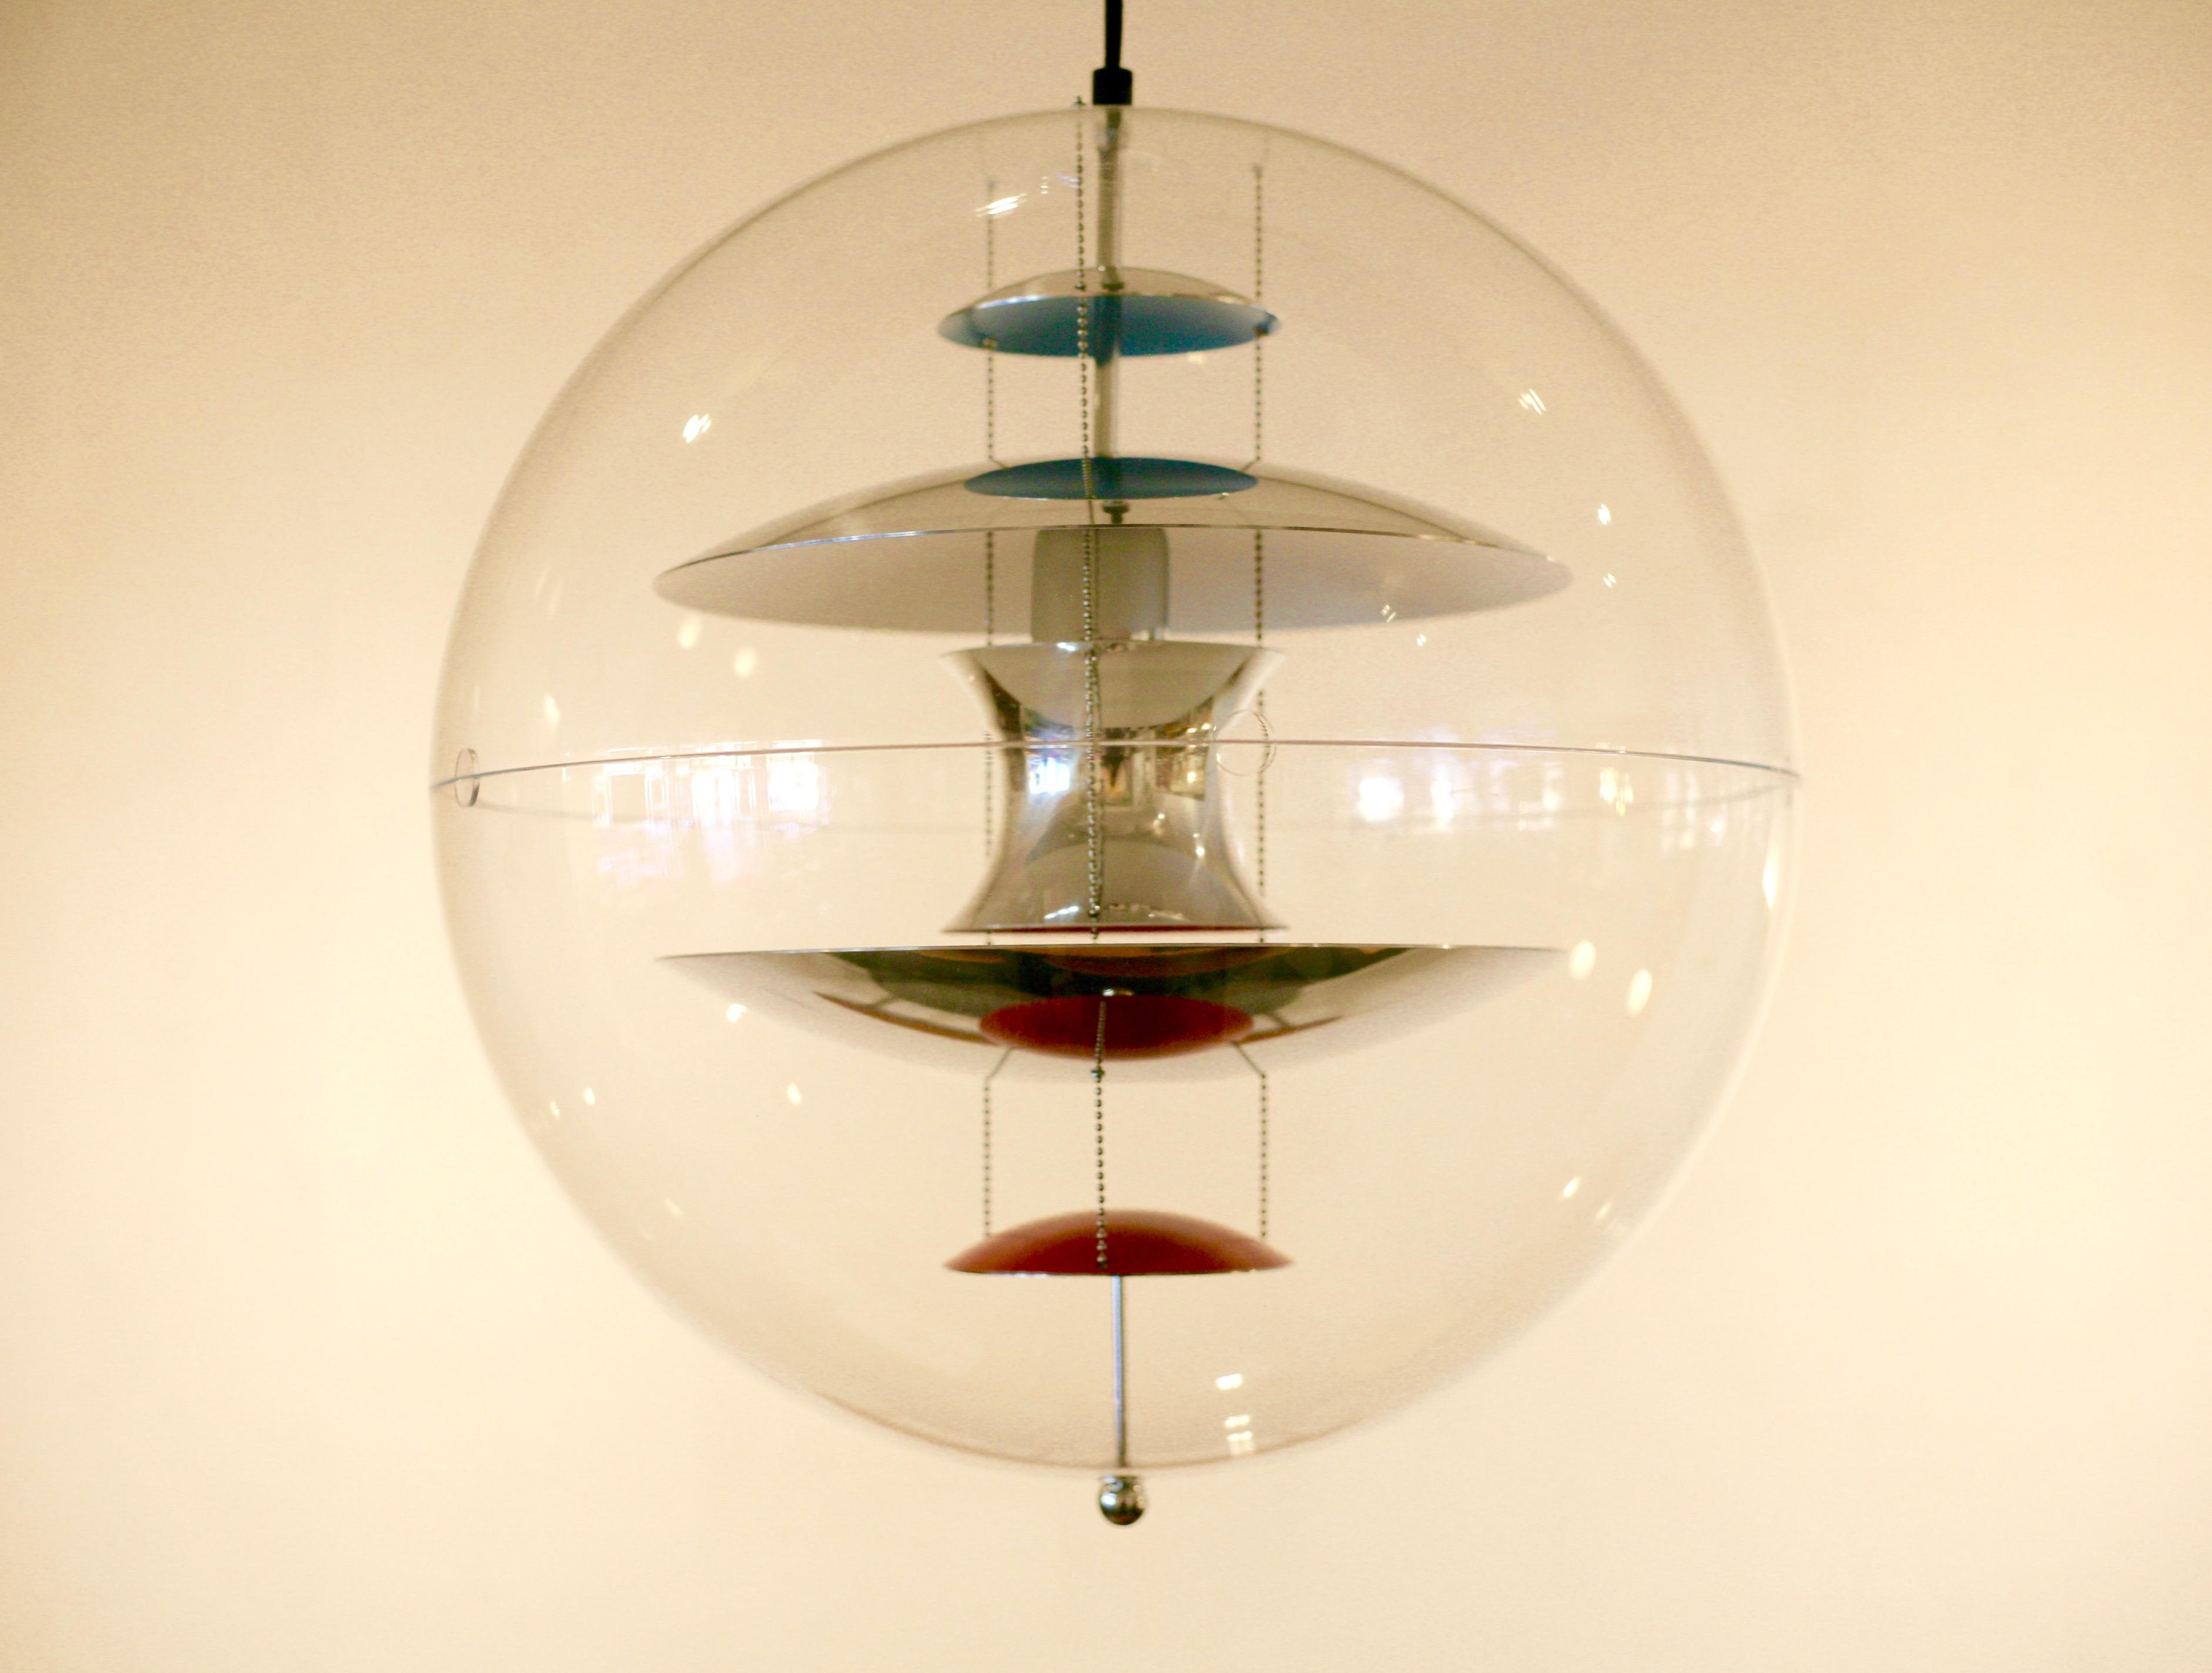 Verner Panton - VP globe, 50 cm